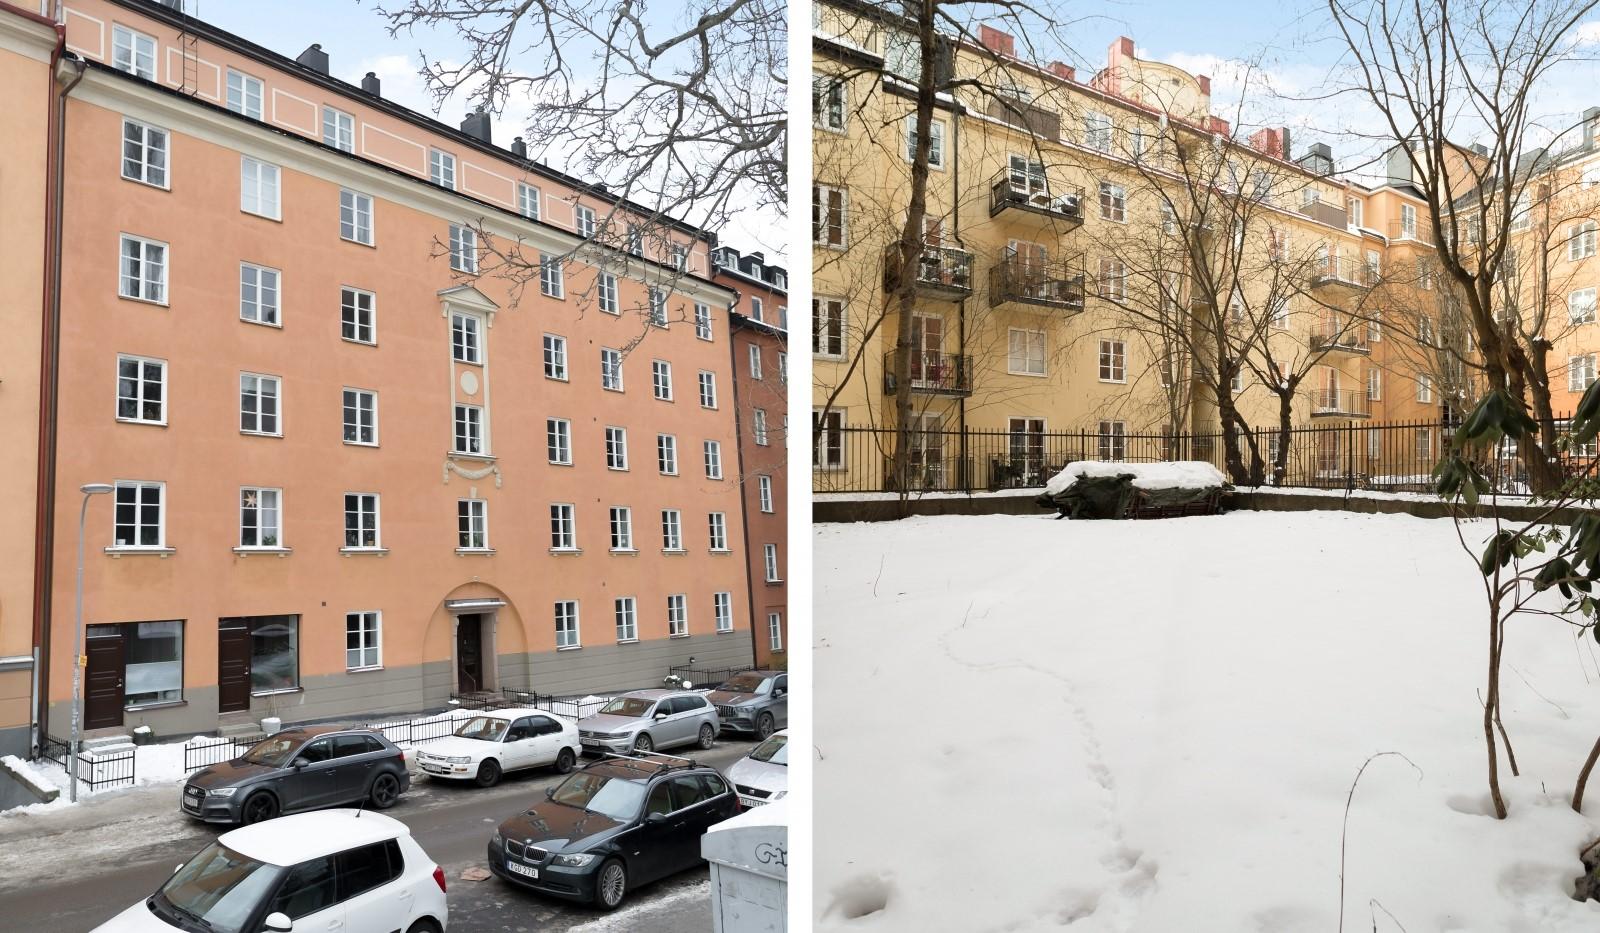 Folkskolegatan 20 - Vacker 20-tals byggnad - innergårdarna i vintervila